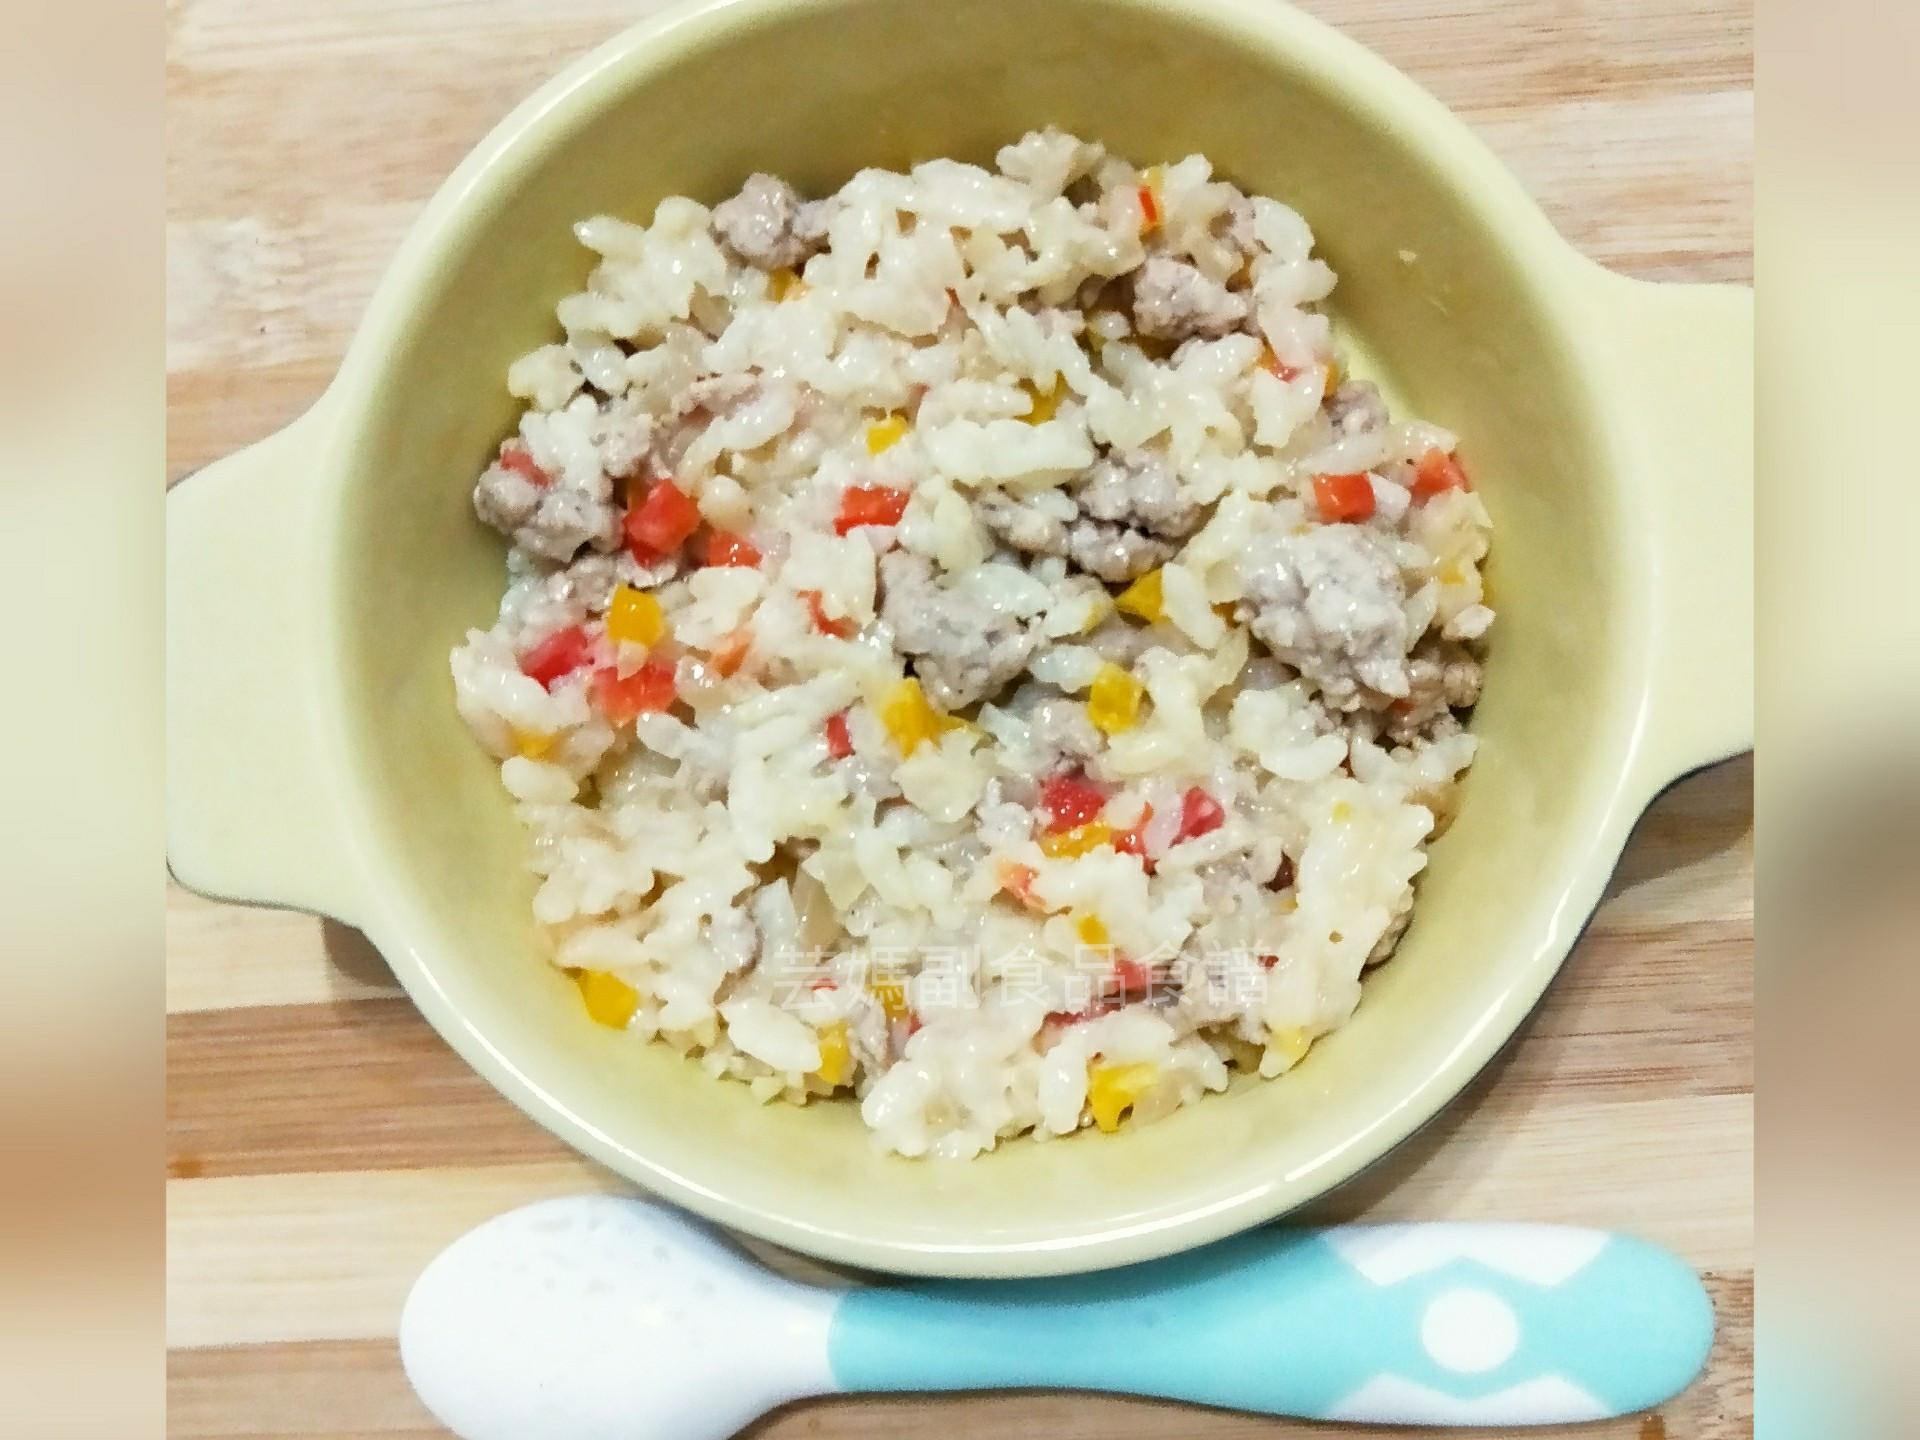 親子共食-奶香彩椒豬肉燉飯-副食品